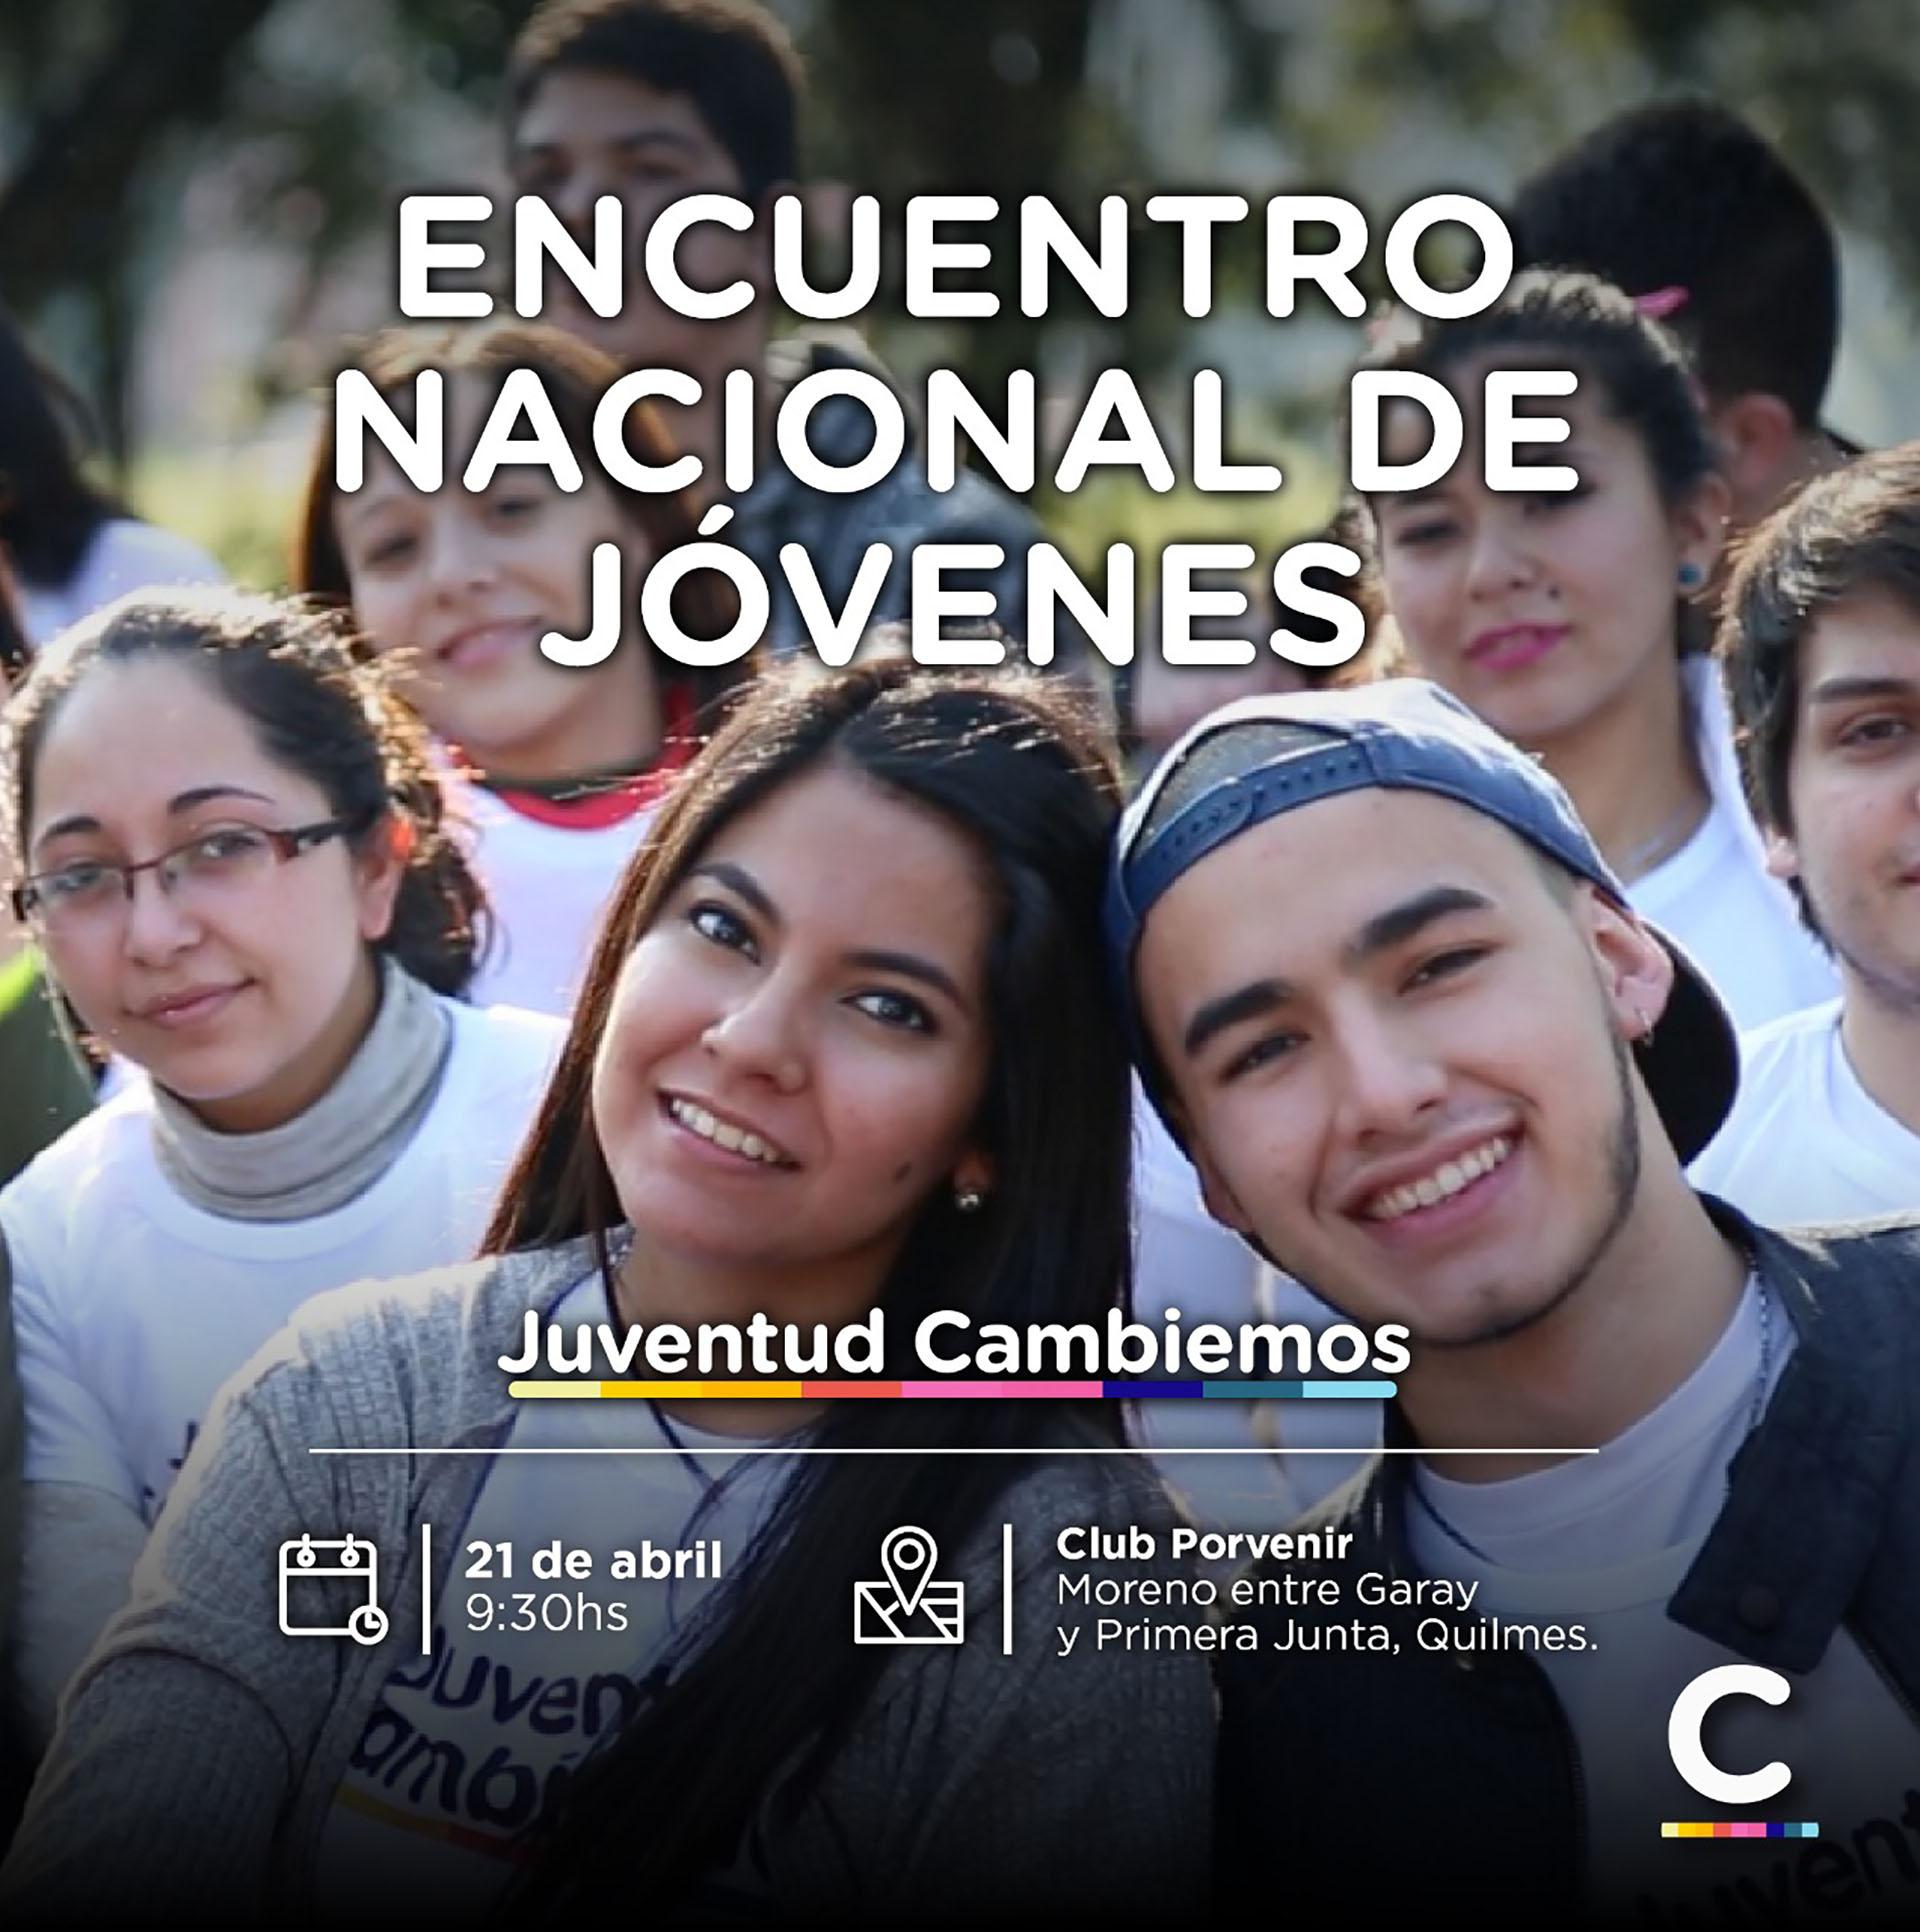 Encuentro Nacional Juventud Cambiemos